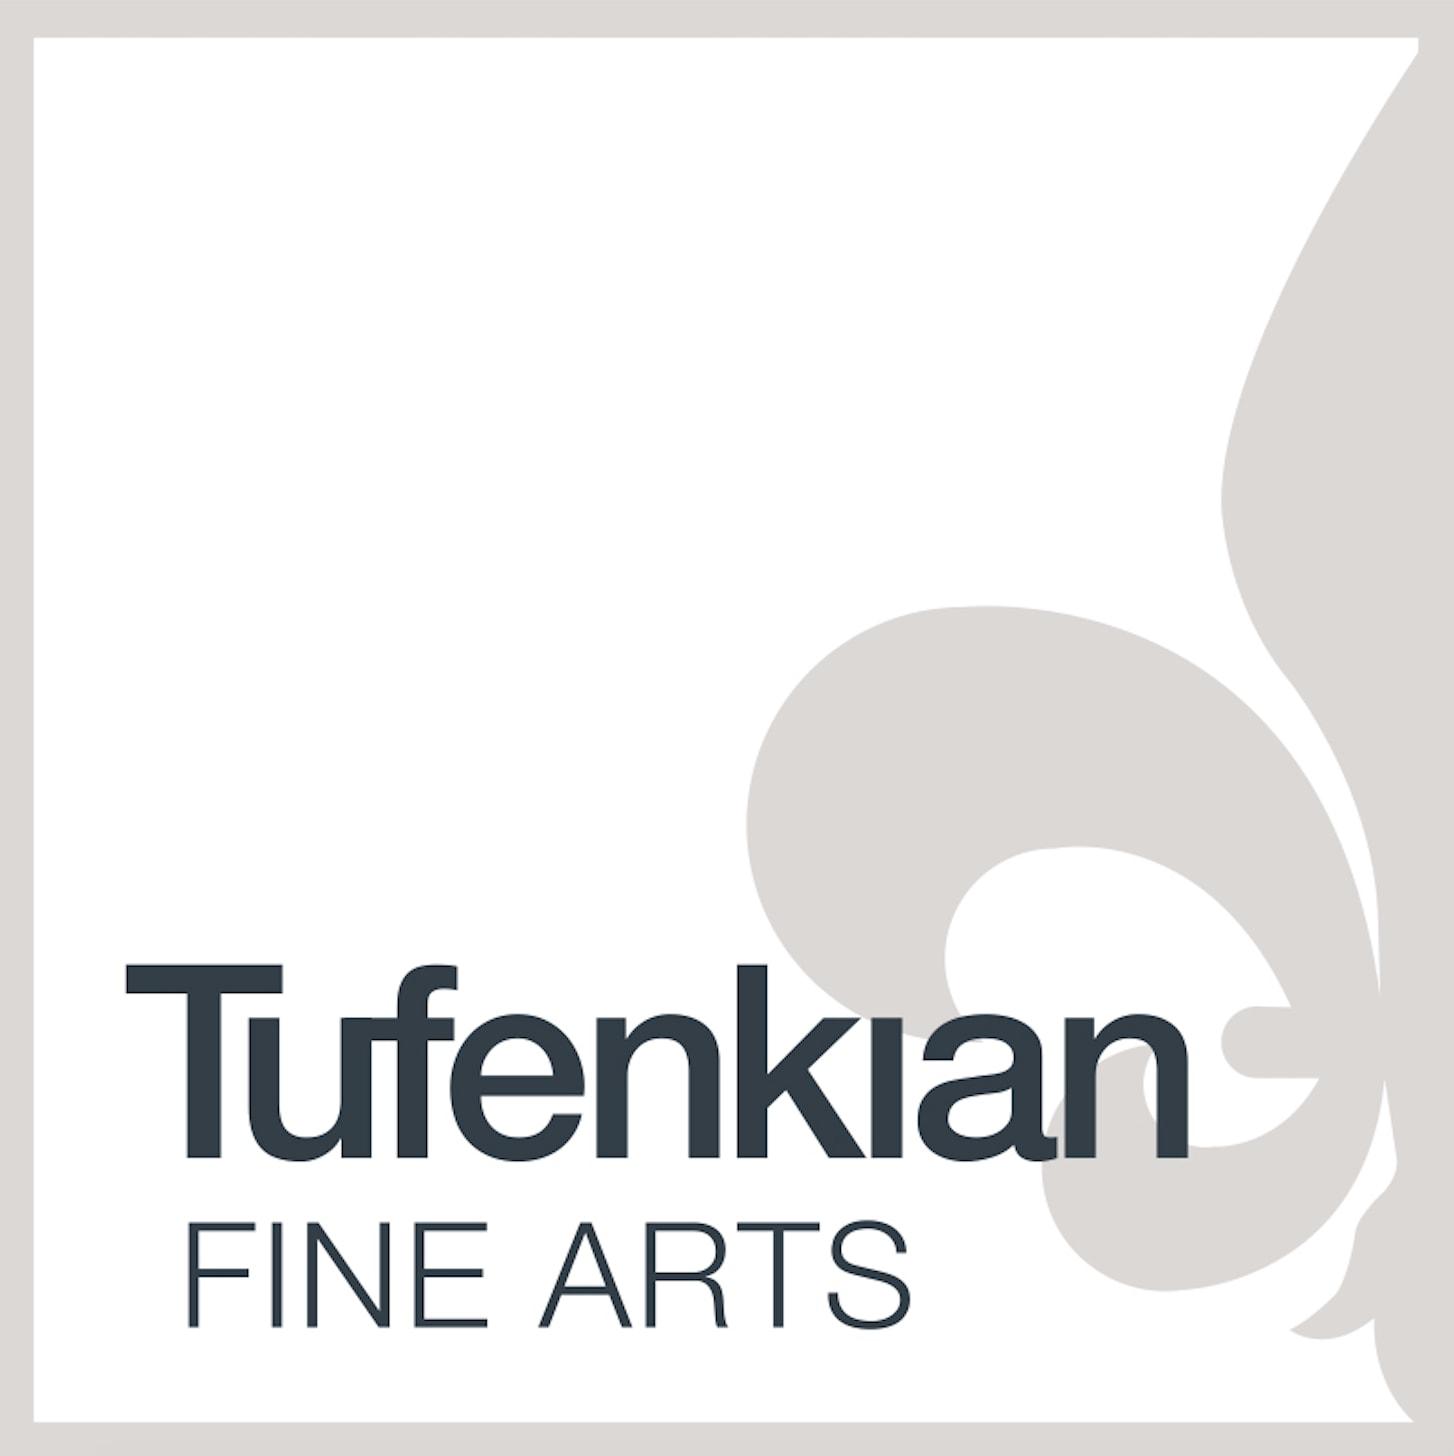 Tufenkian Fine Arts company logo